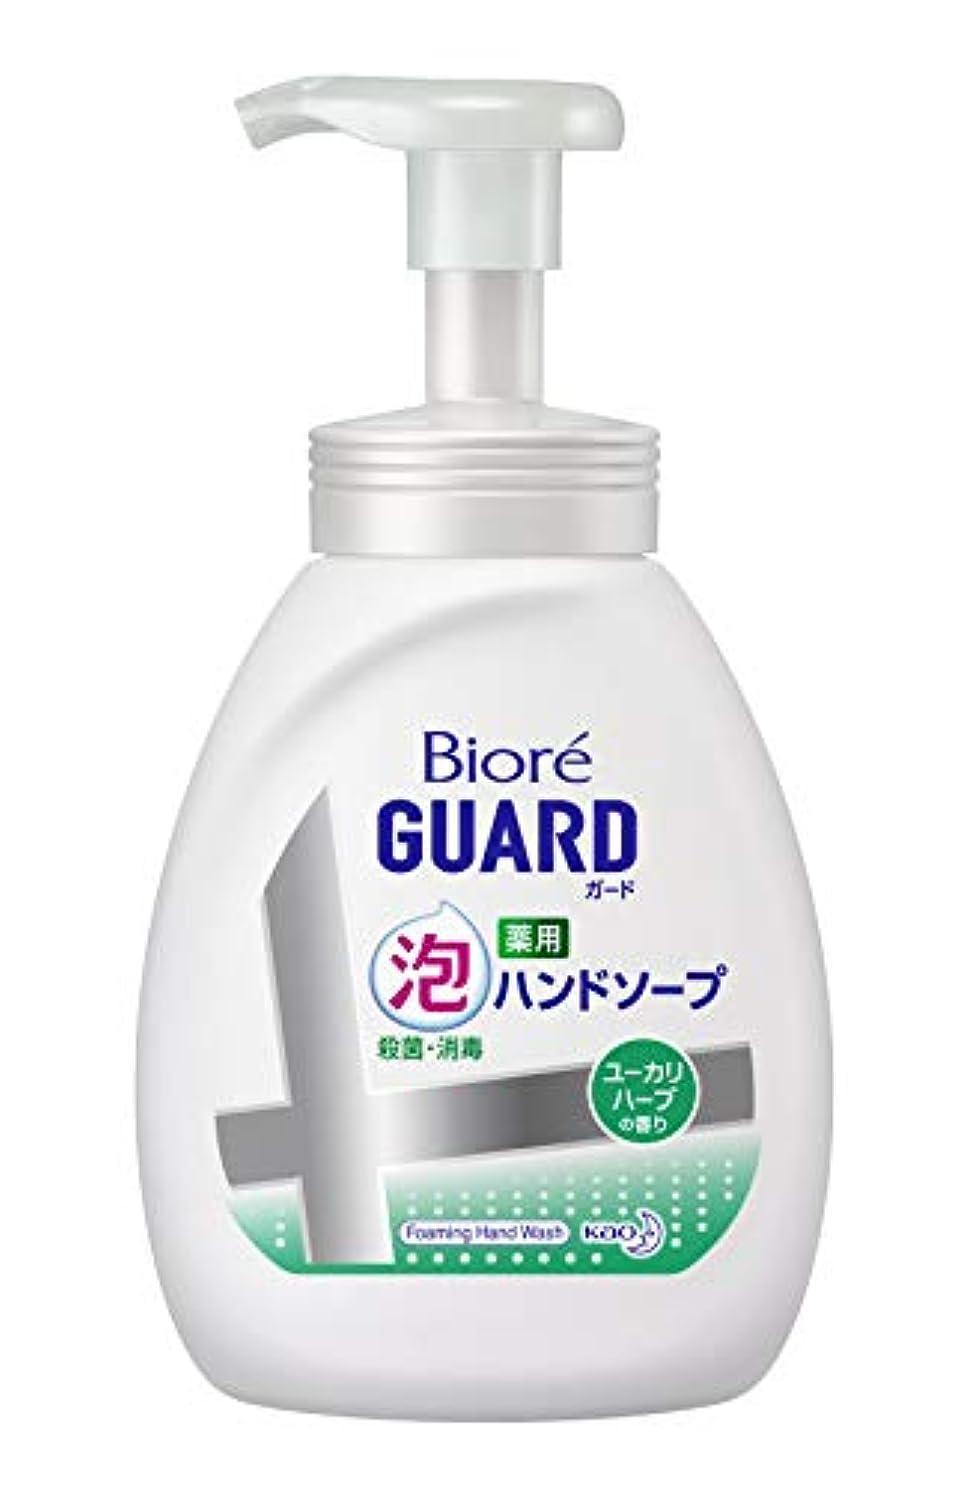 バインド不適一方、【大容量】 ビオレガード薬用泡ハンドソープ ユーカリハーブの香り ポンプ 500ml